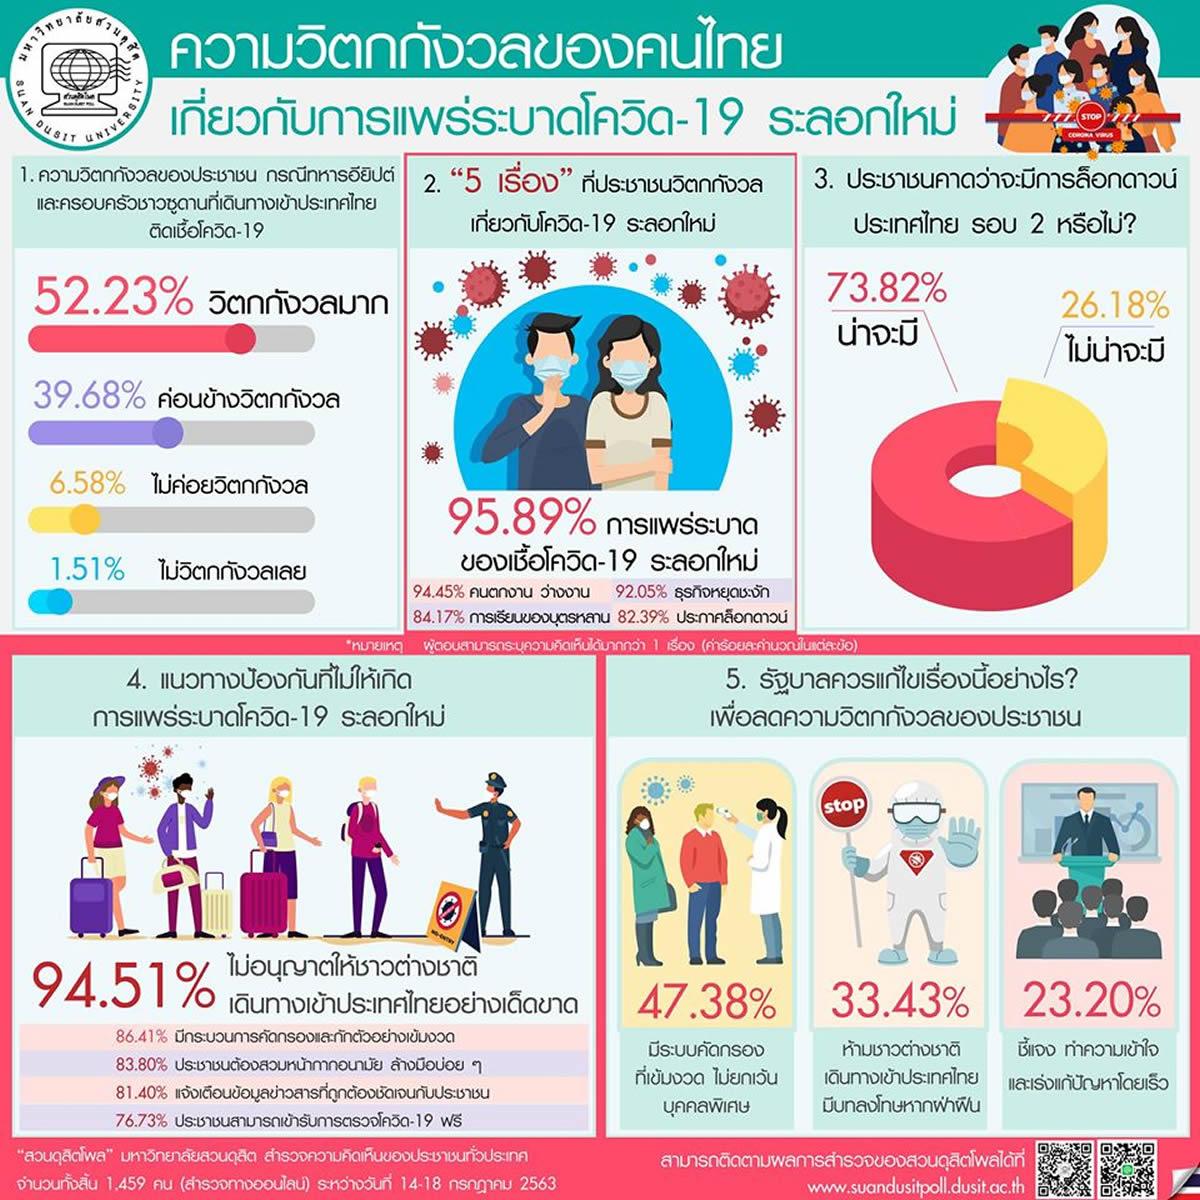 タイ人の大多数が外国人のタイ入国に不安